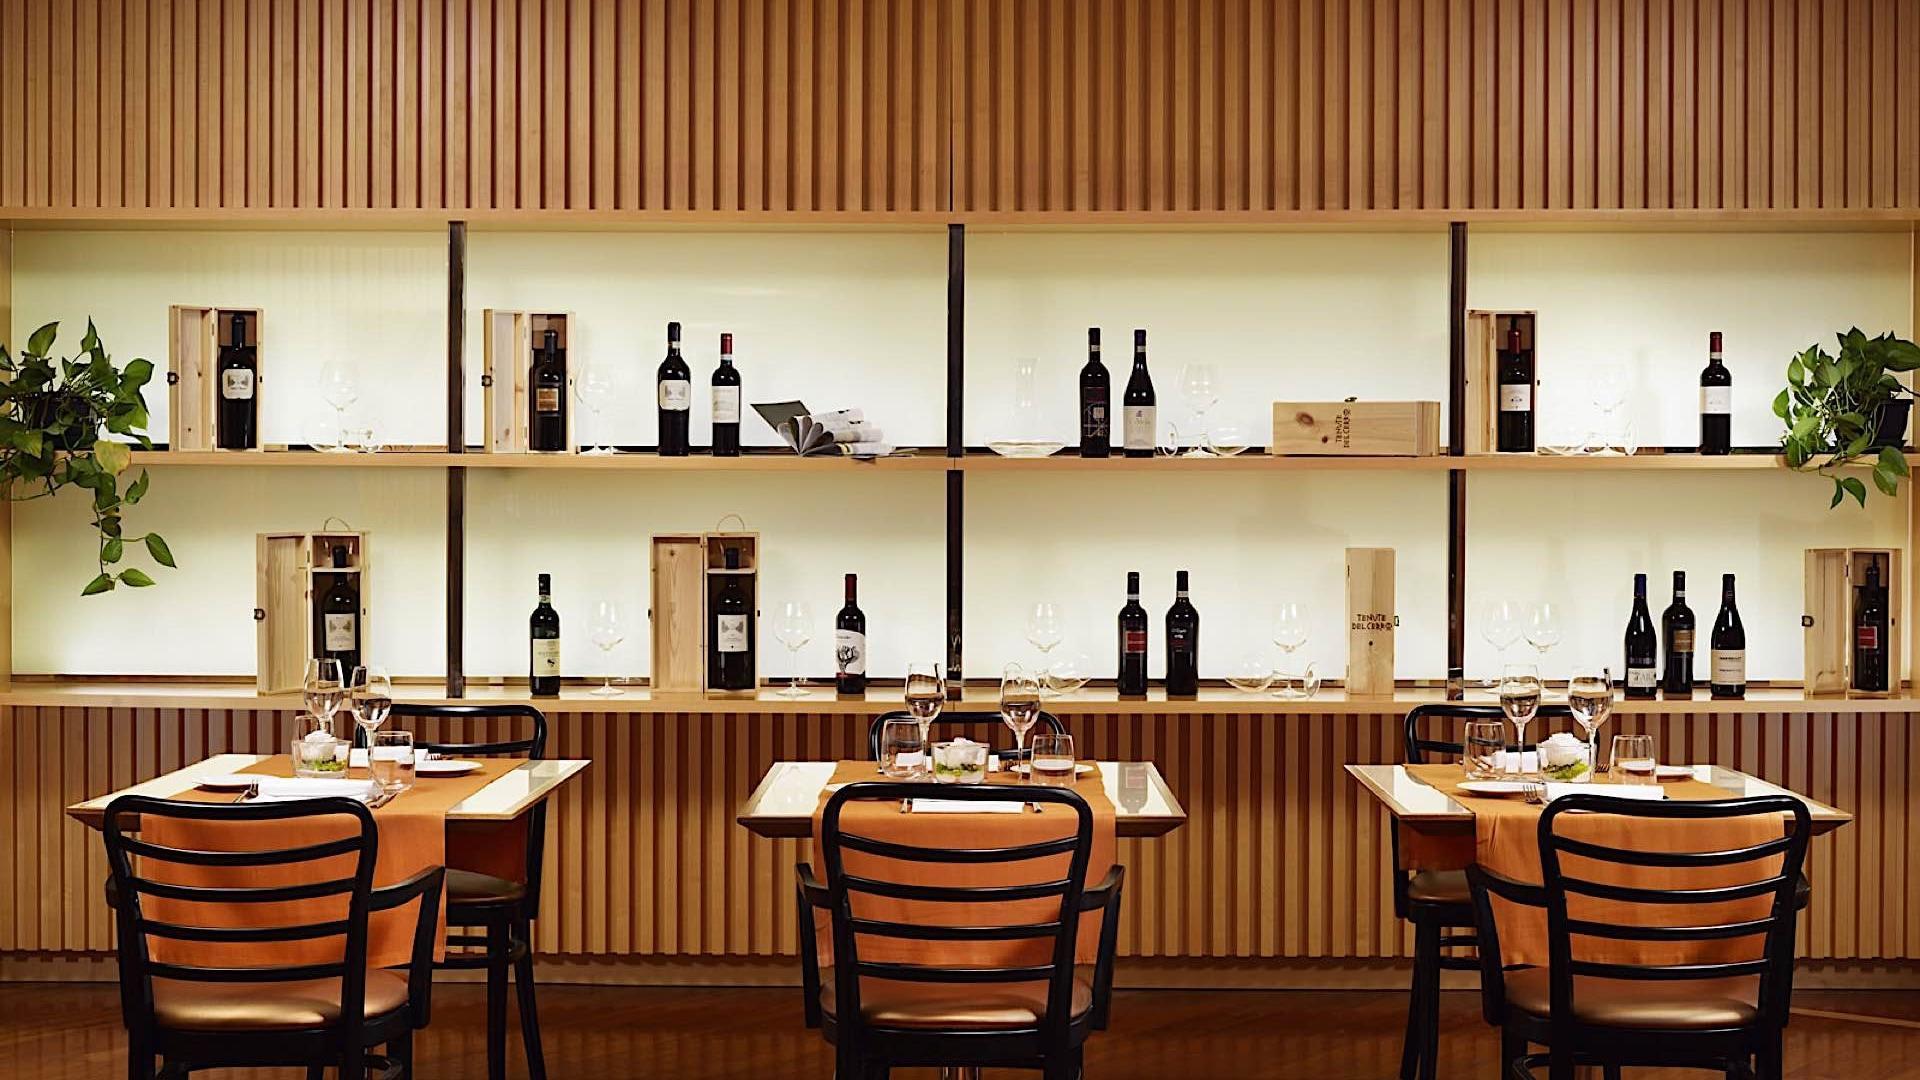 Restaurant | Varese